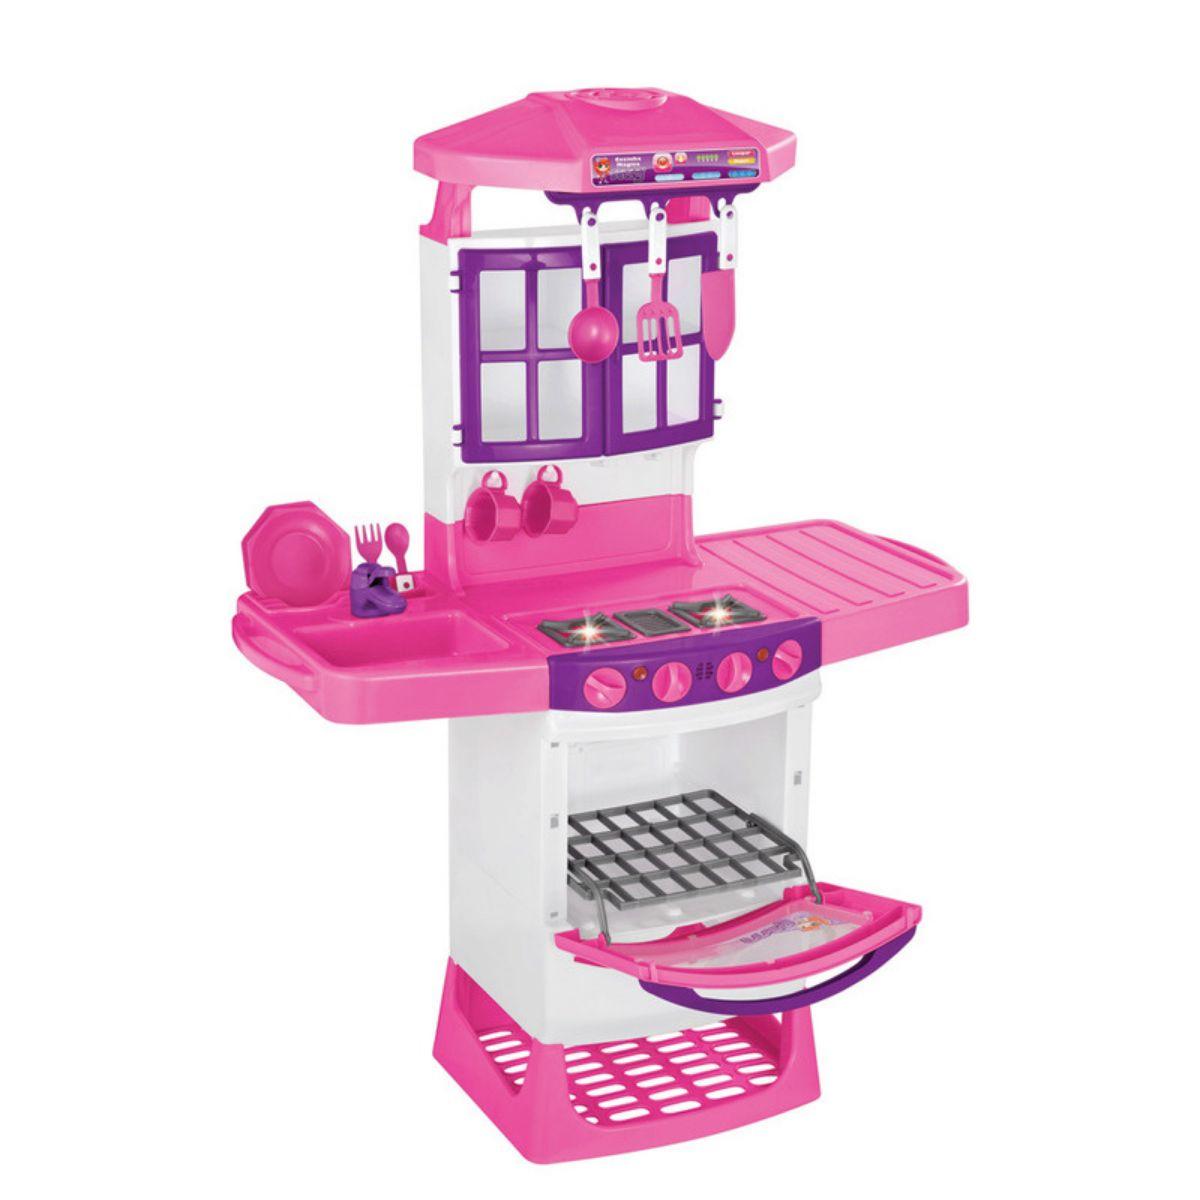 Cozinha Mágica Infantil Eletrônica Meg com Água Botões e Luz